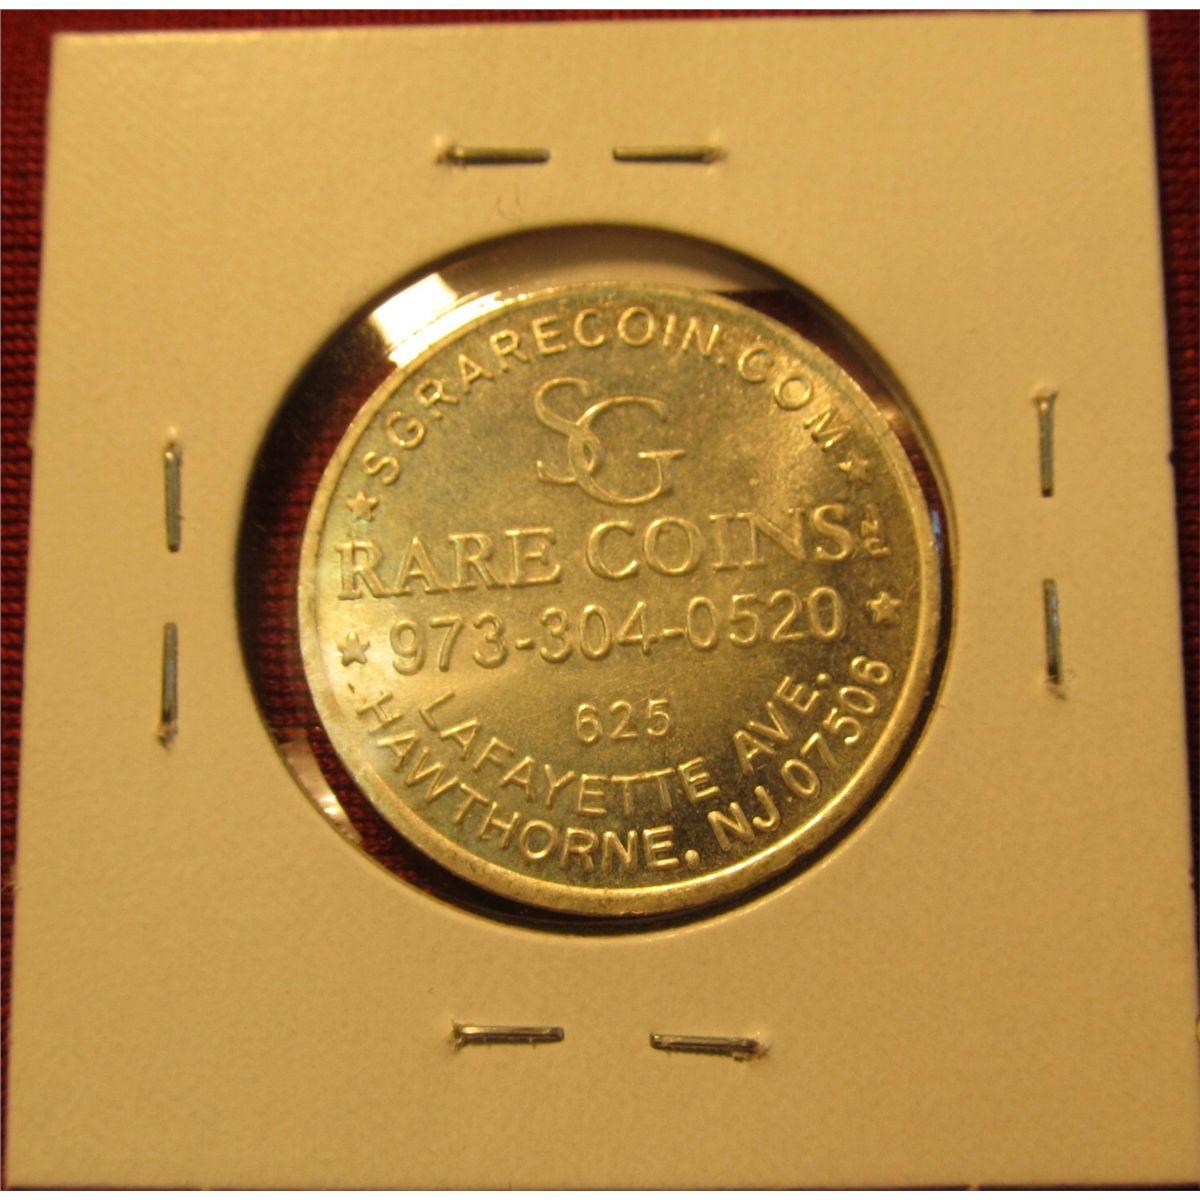 1311  1895 P Morgan Silver Dollar advertising coin for SG Rare Coins,  Hawthorne, NJ